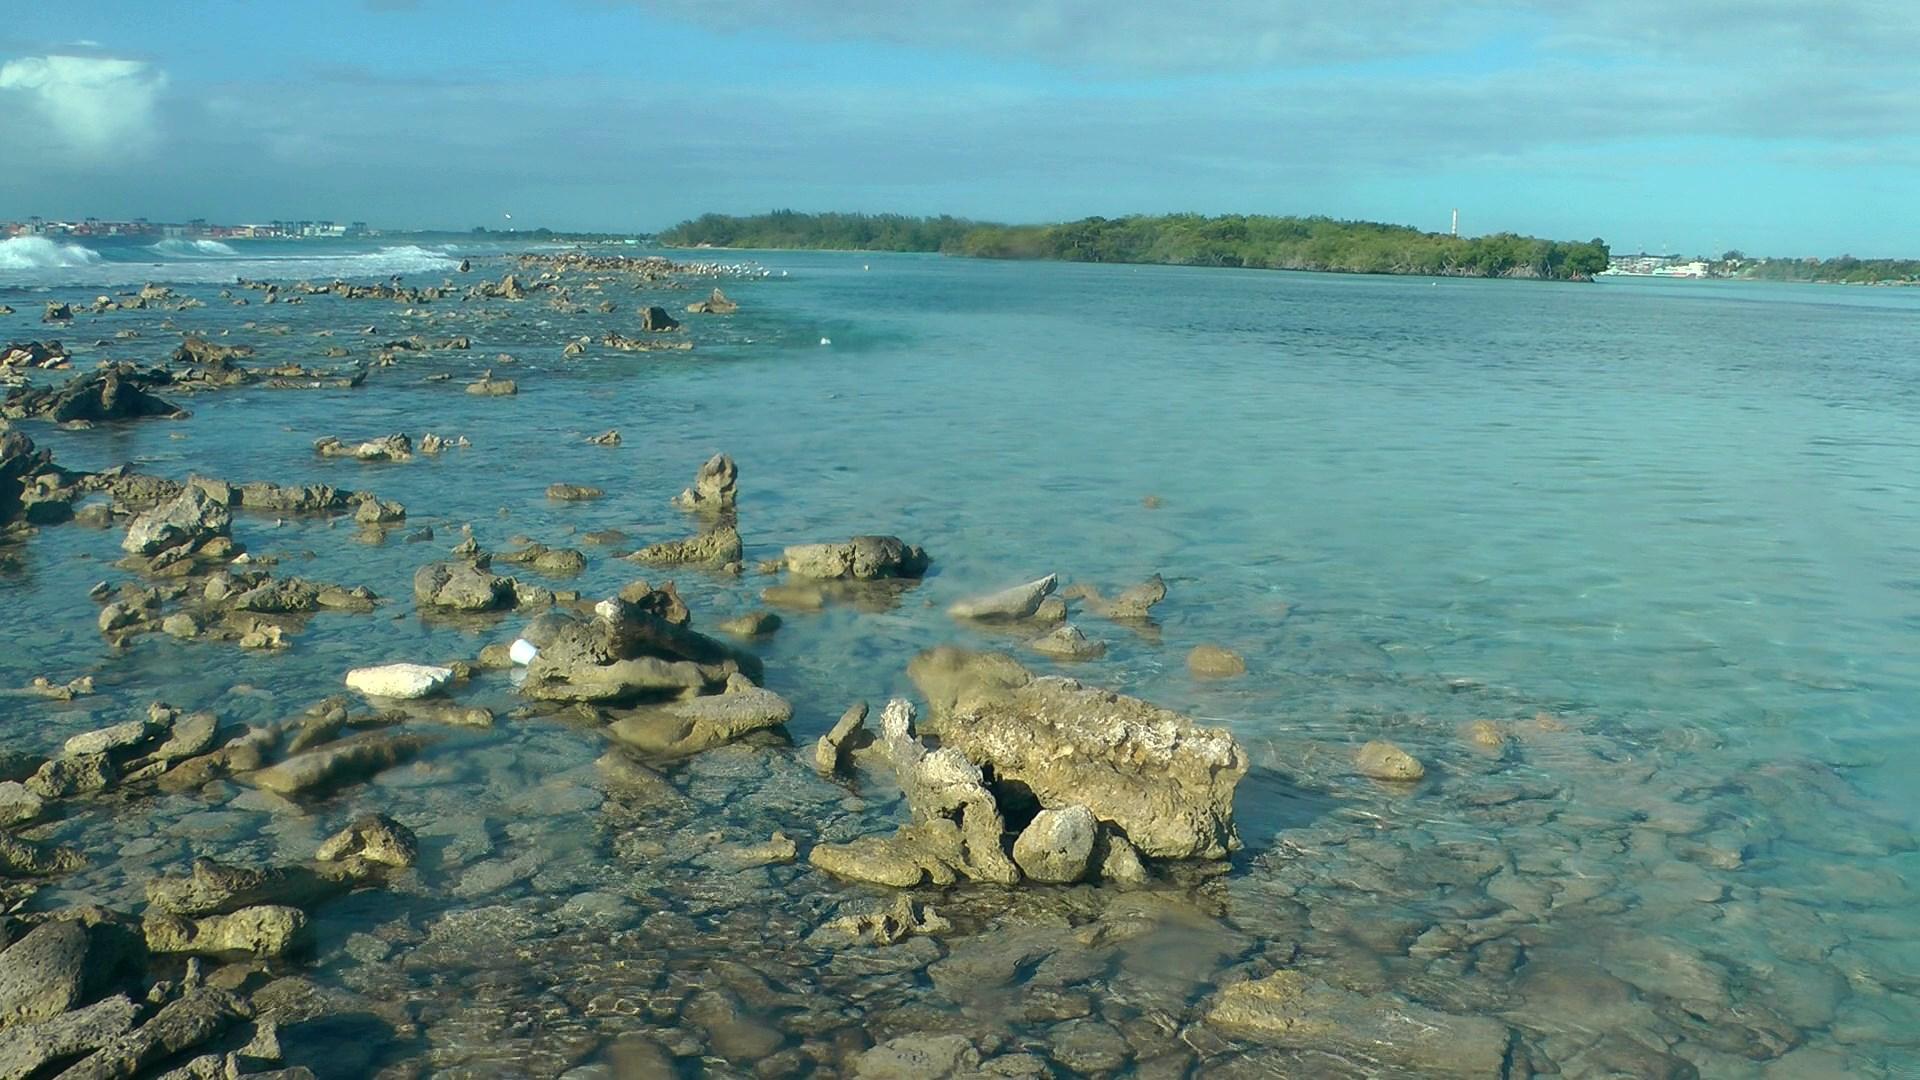 Вид на лагуну и мангры с рифа